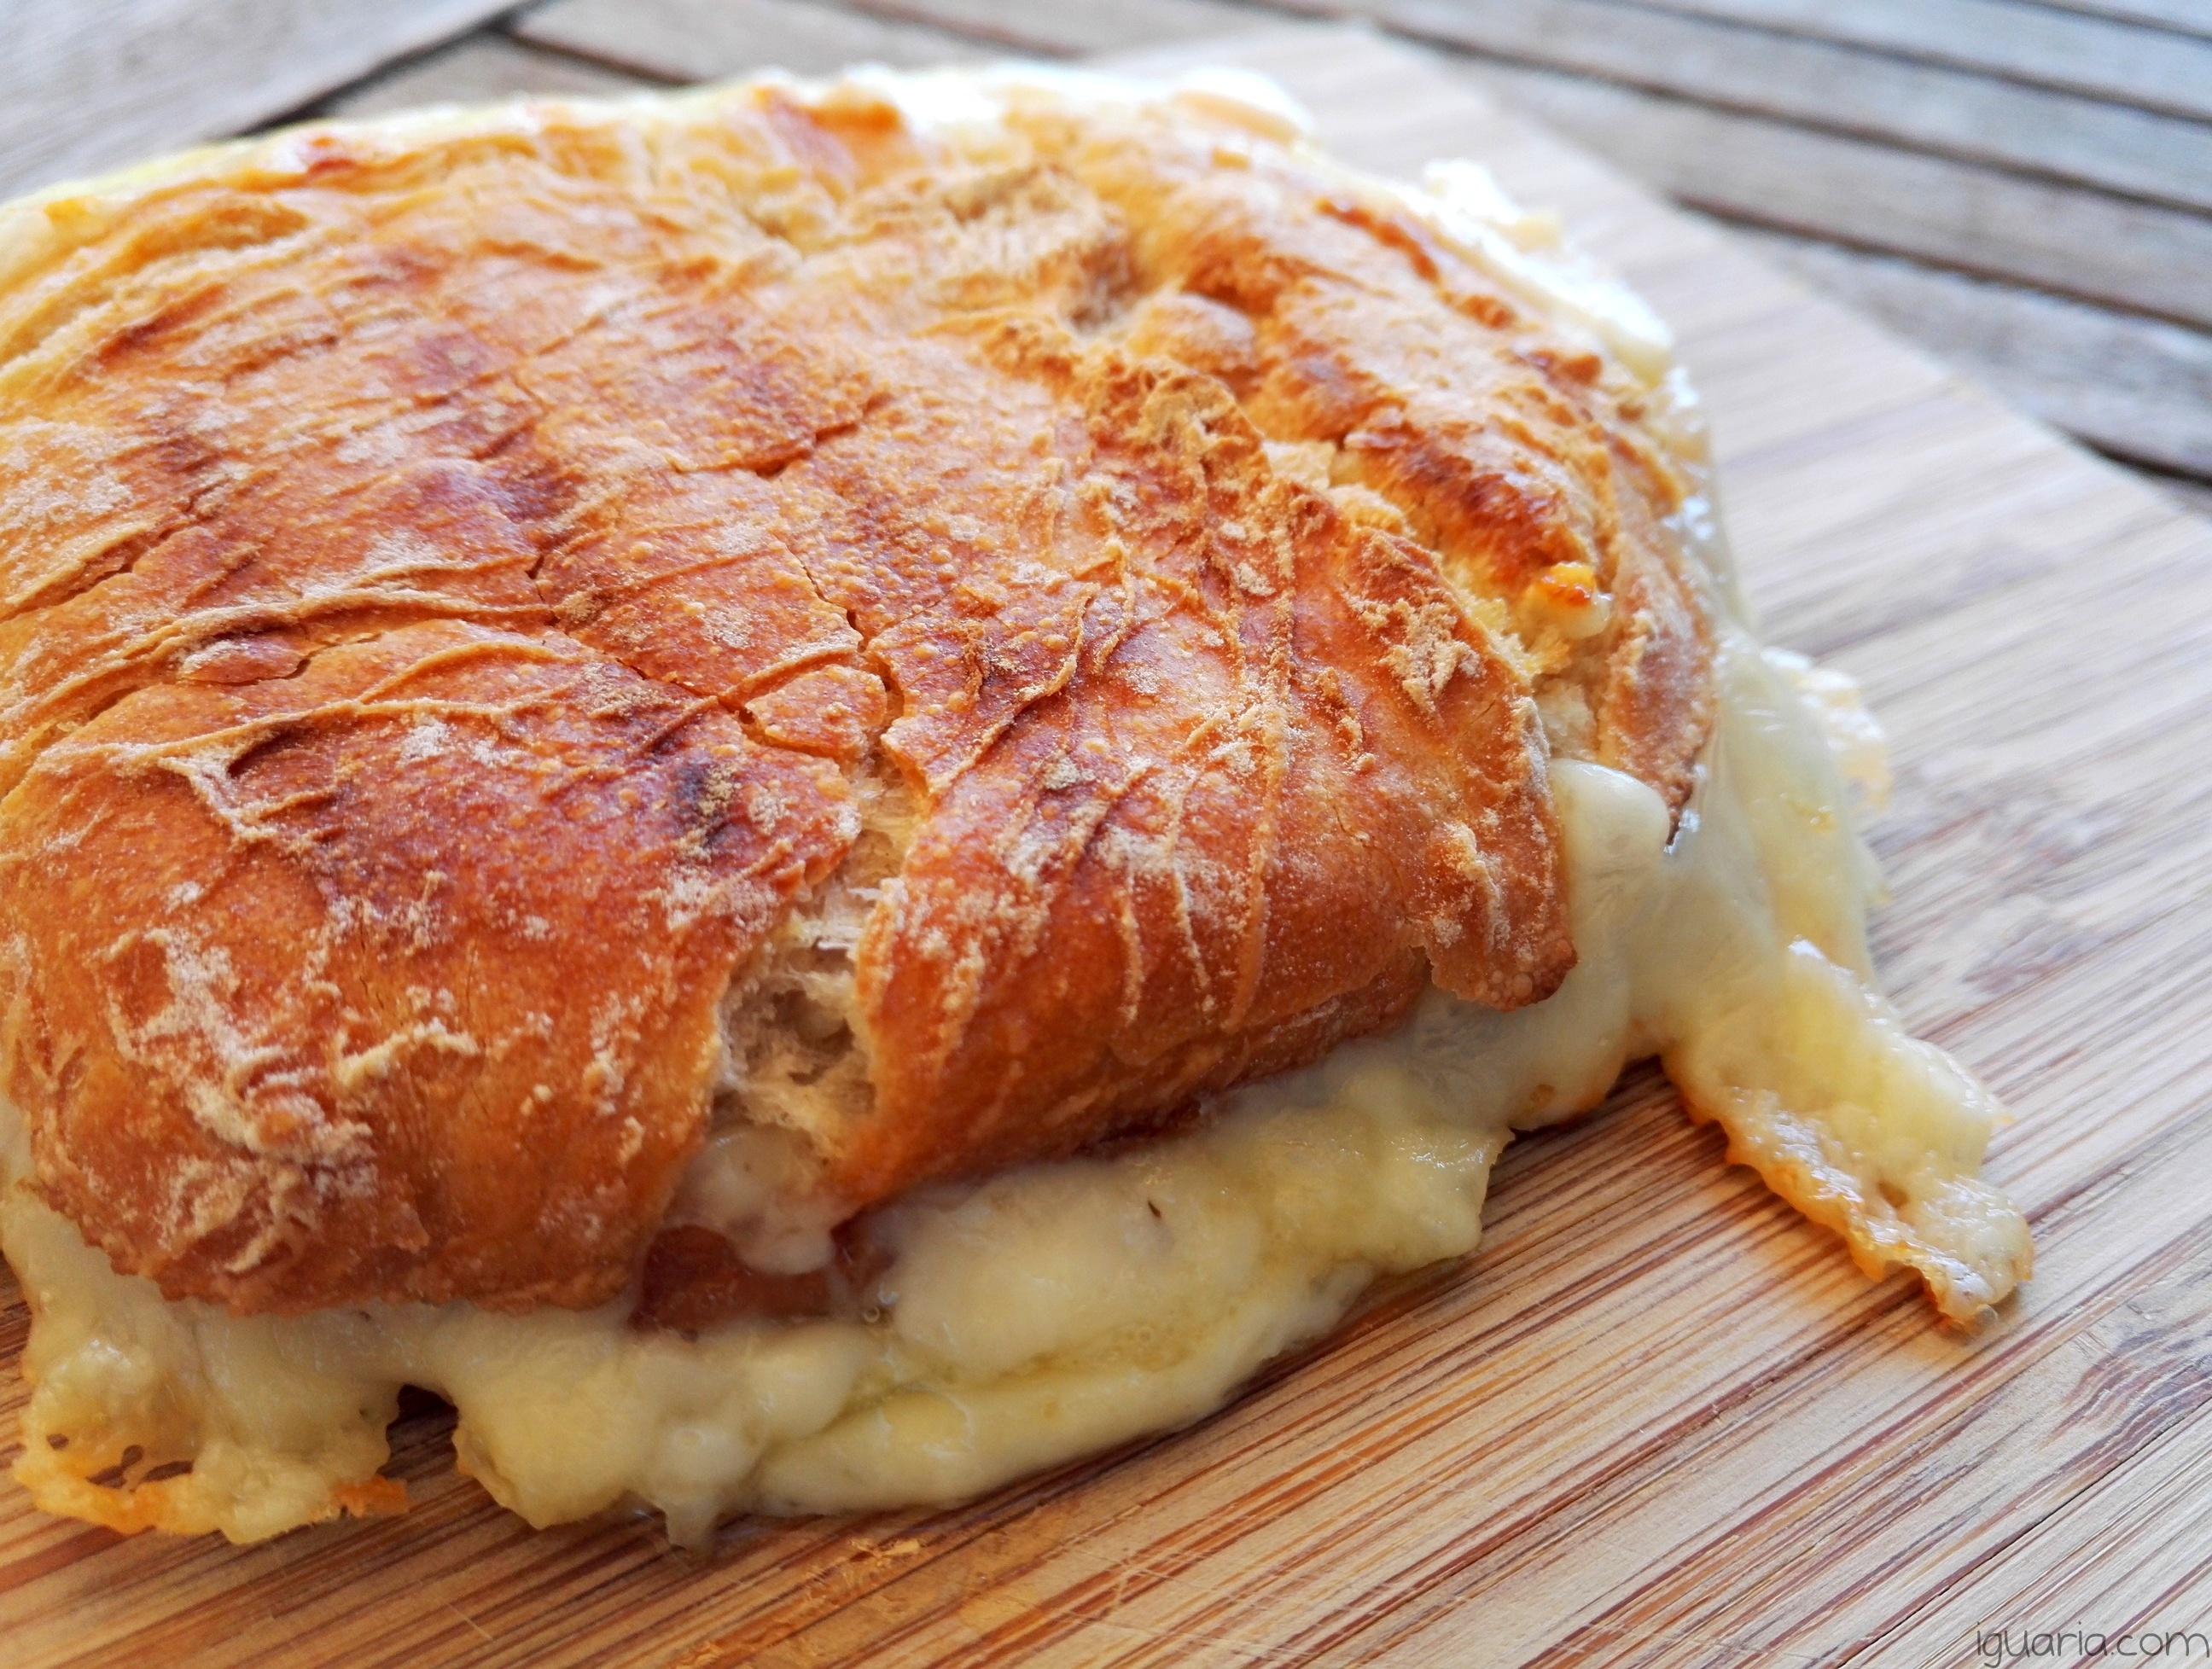 iguaria-tosta-de-queijo-e-ovo